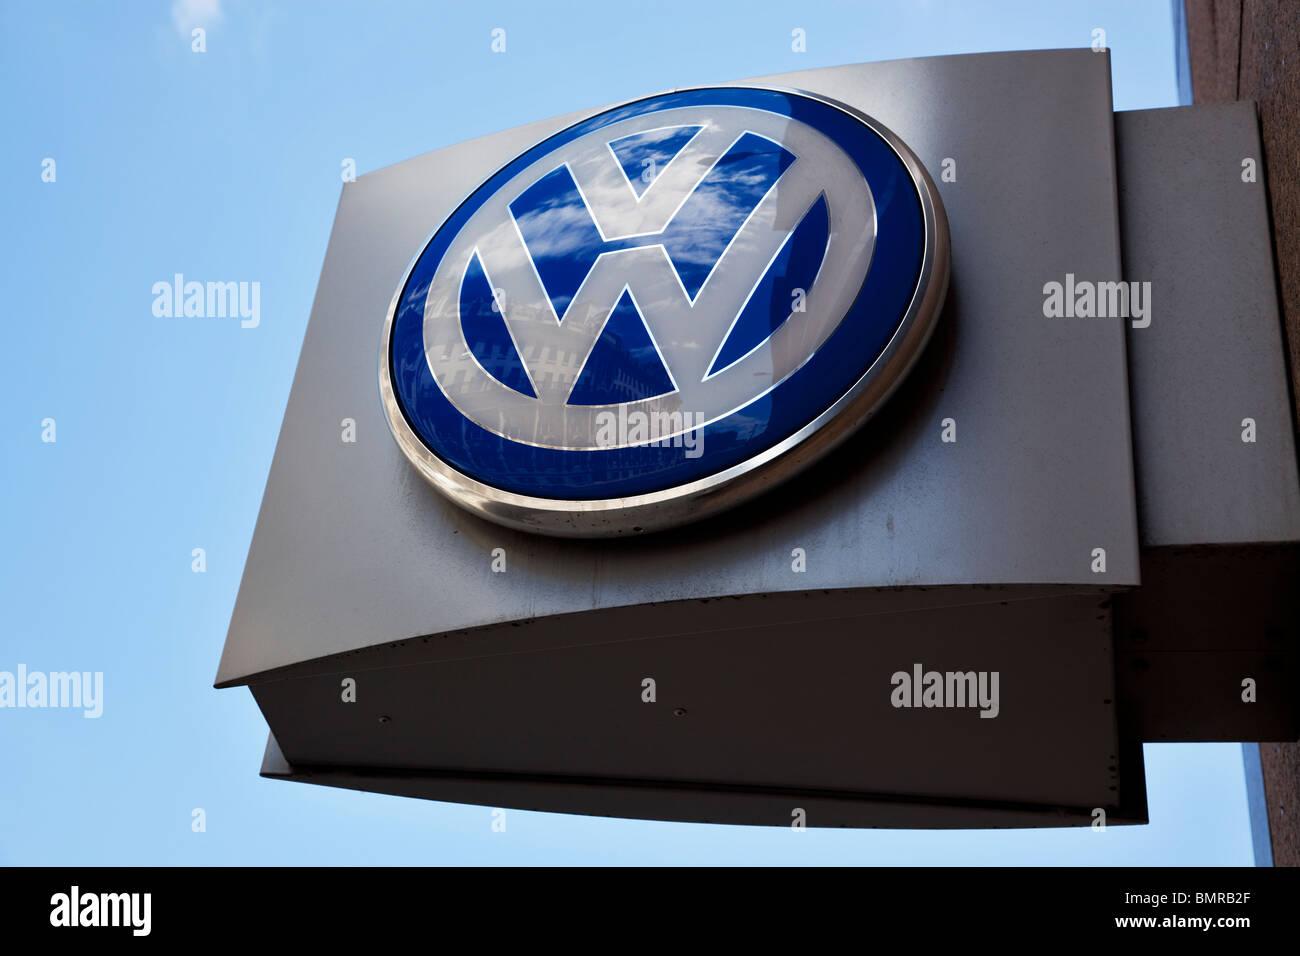 VW logo outside Volkswagen dealership London, UK - Stock Image